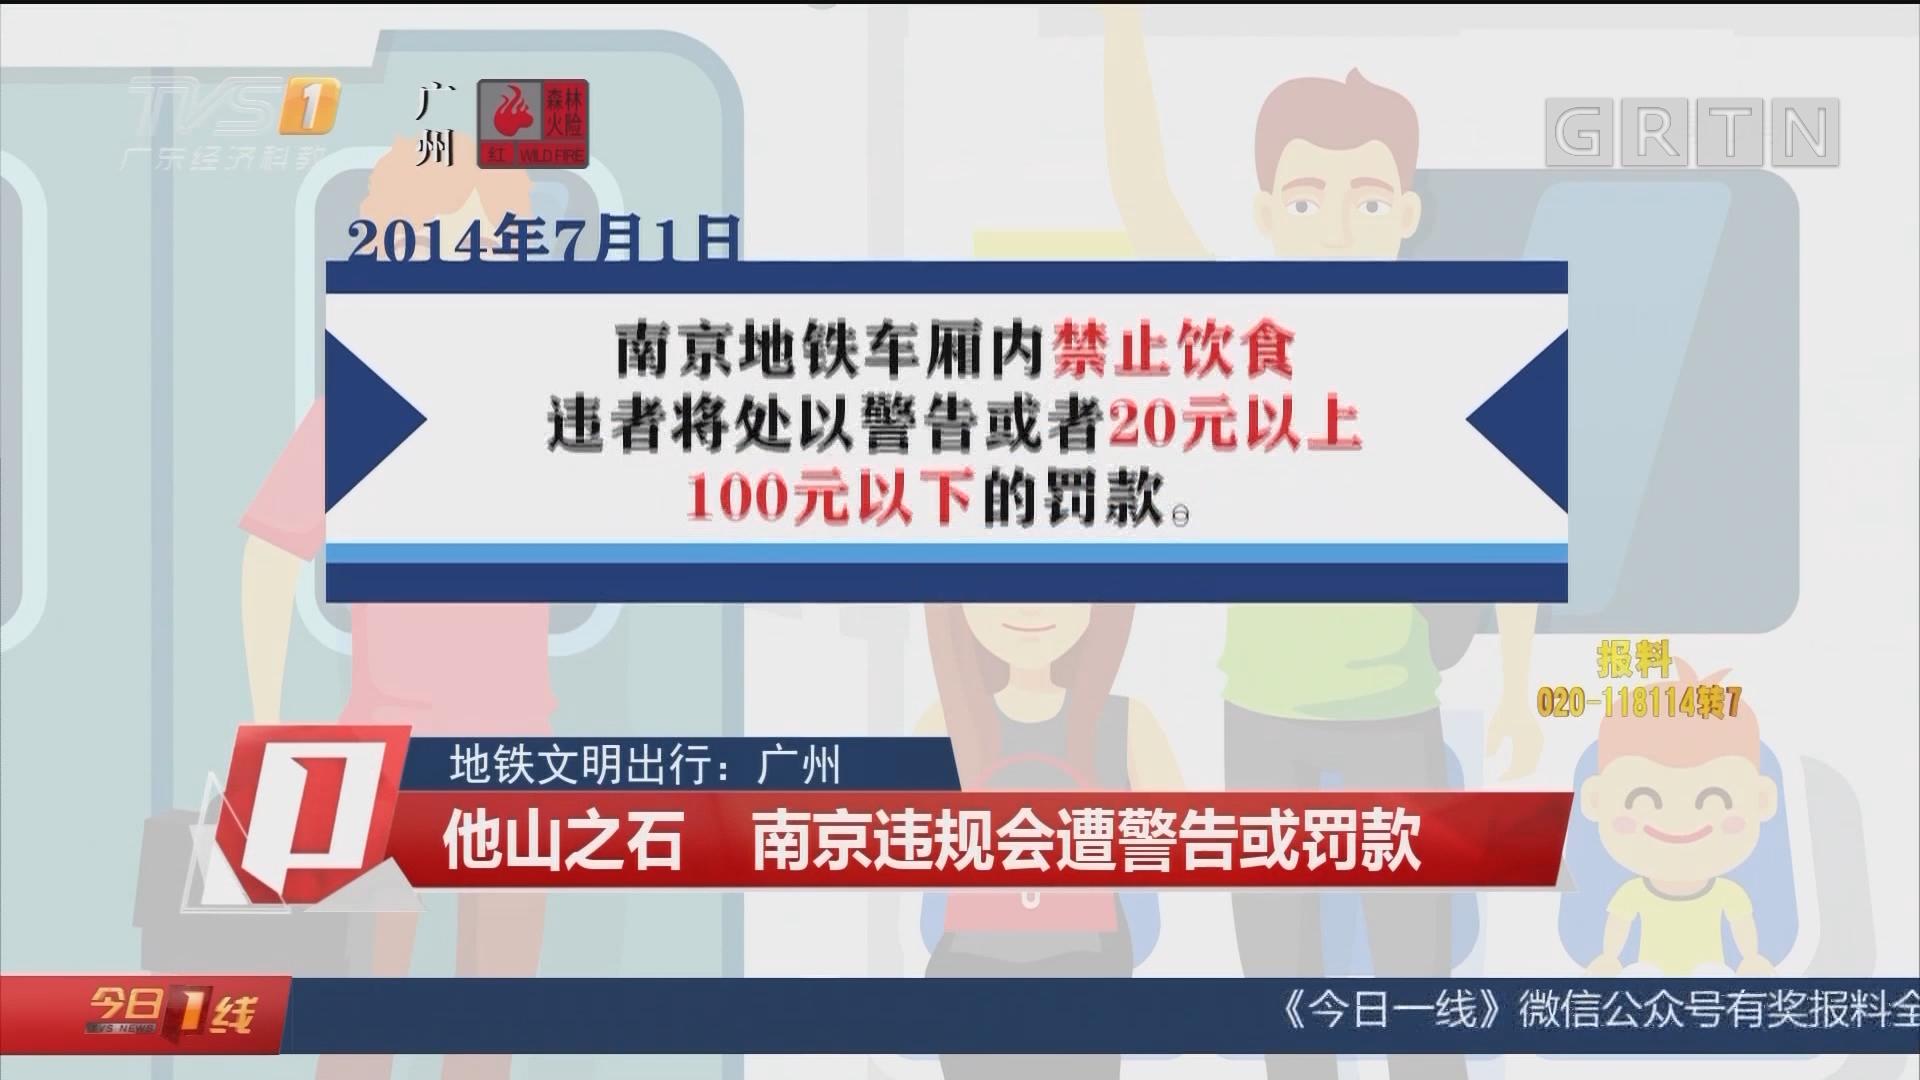 地铁文明出行:广州 他山之石 南京违规会遭警告或罚款